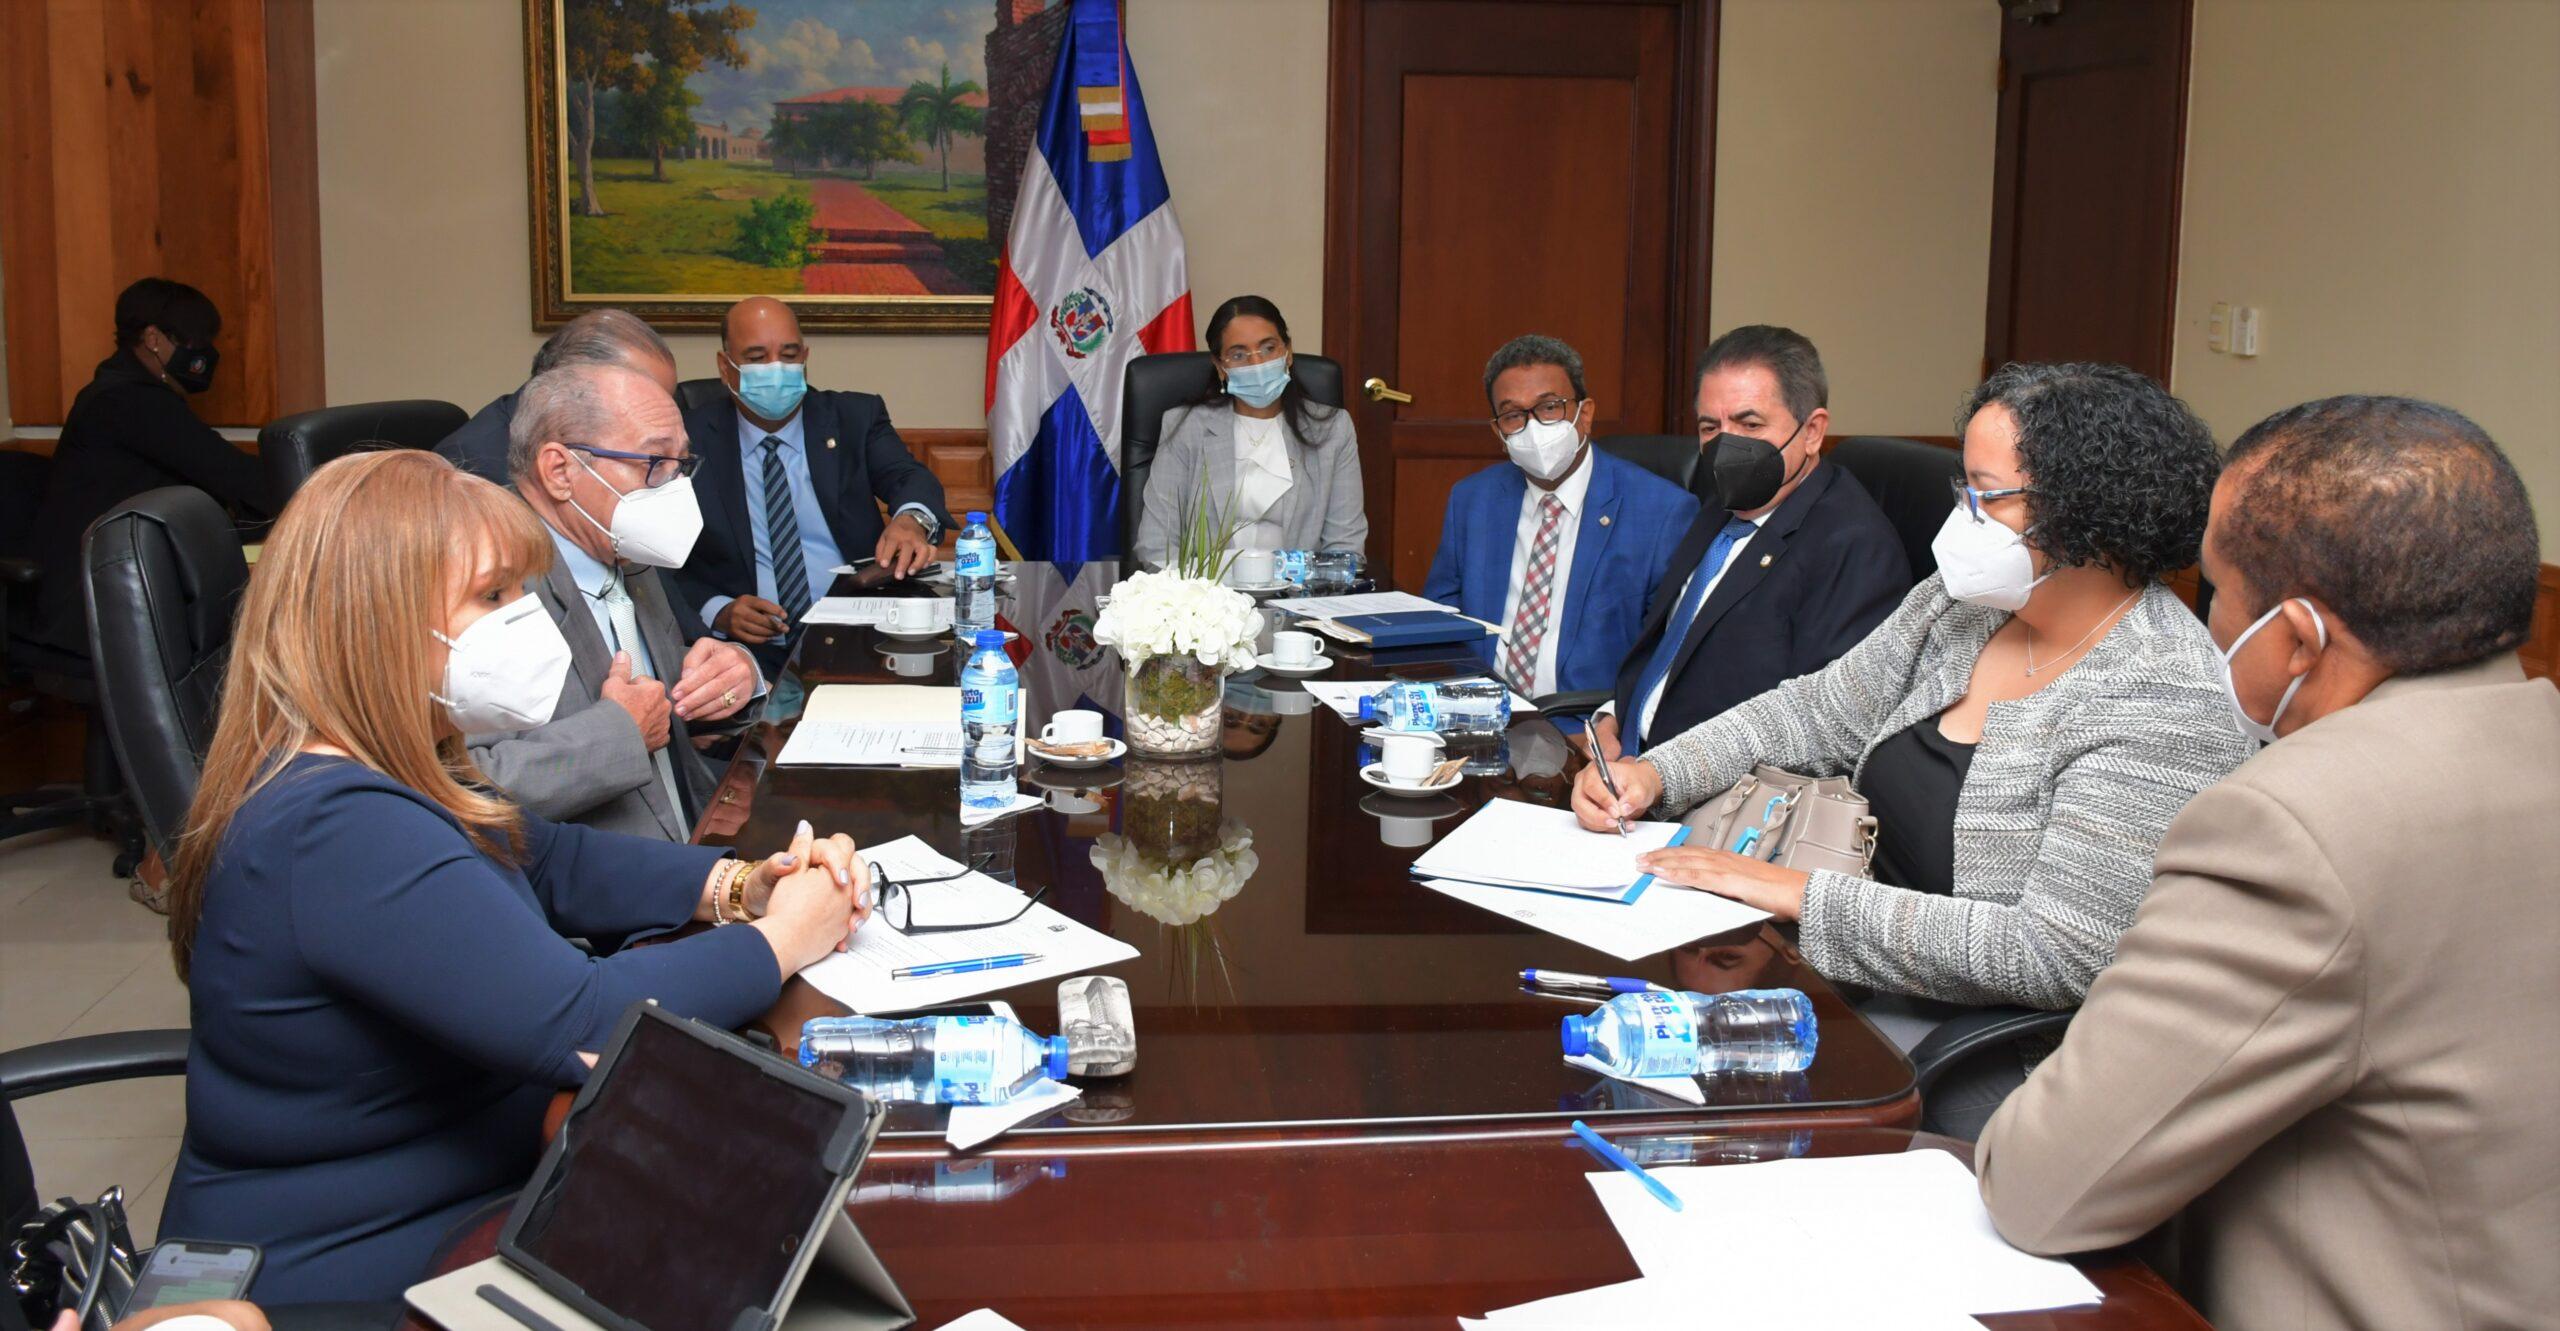 Comisión Permanente de Salud Pública  del Senado socializa plan de salud mental con representantes del sector